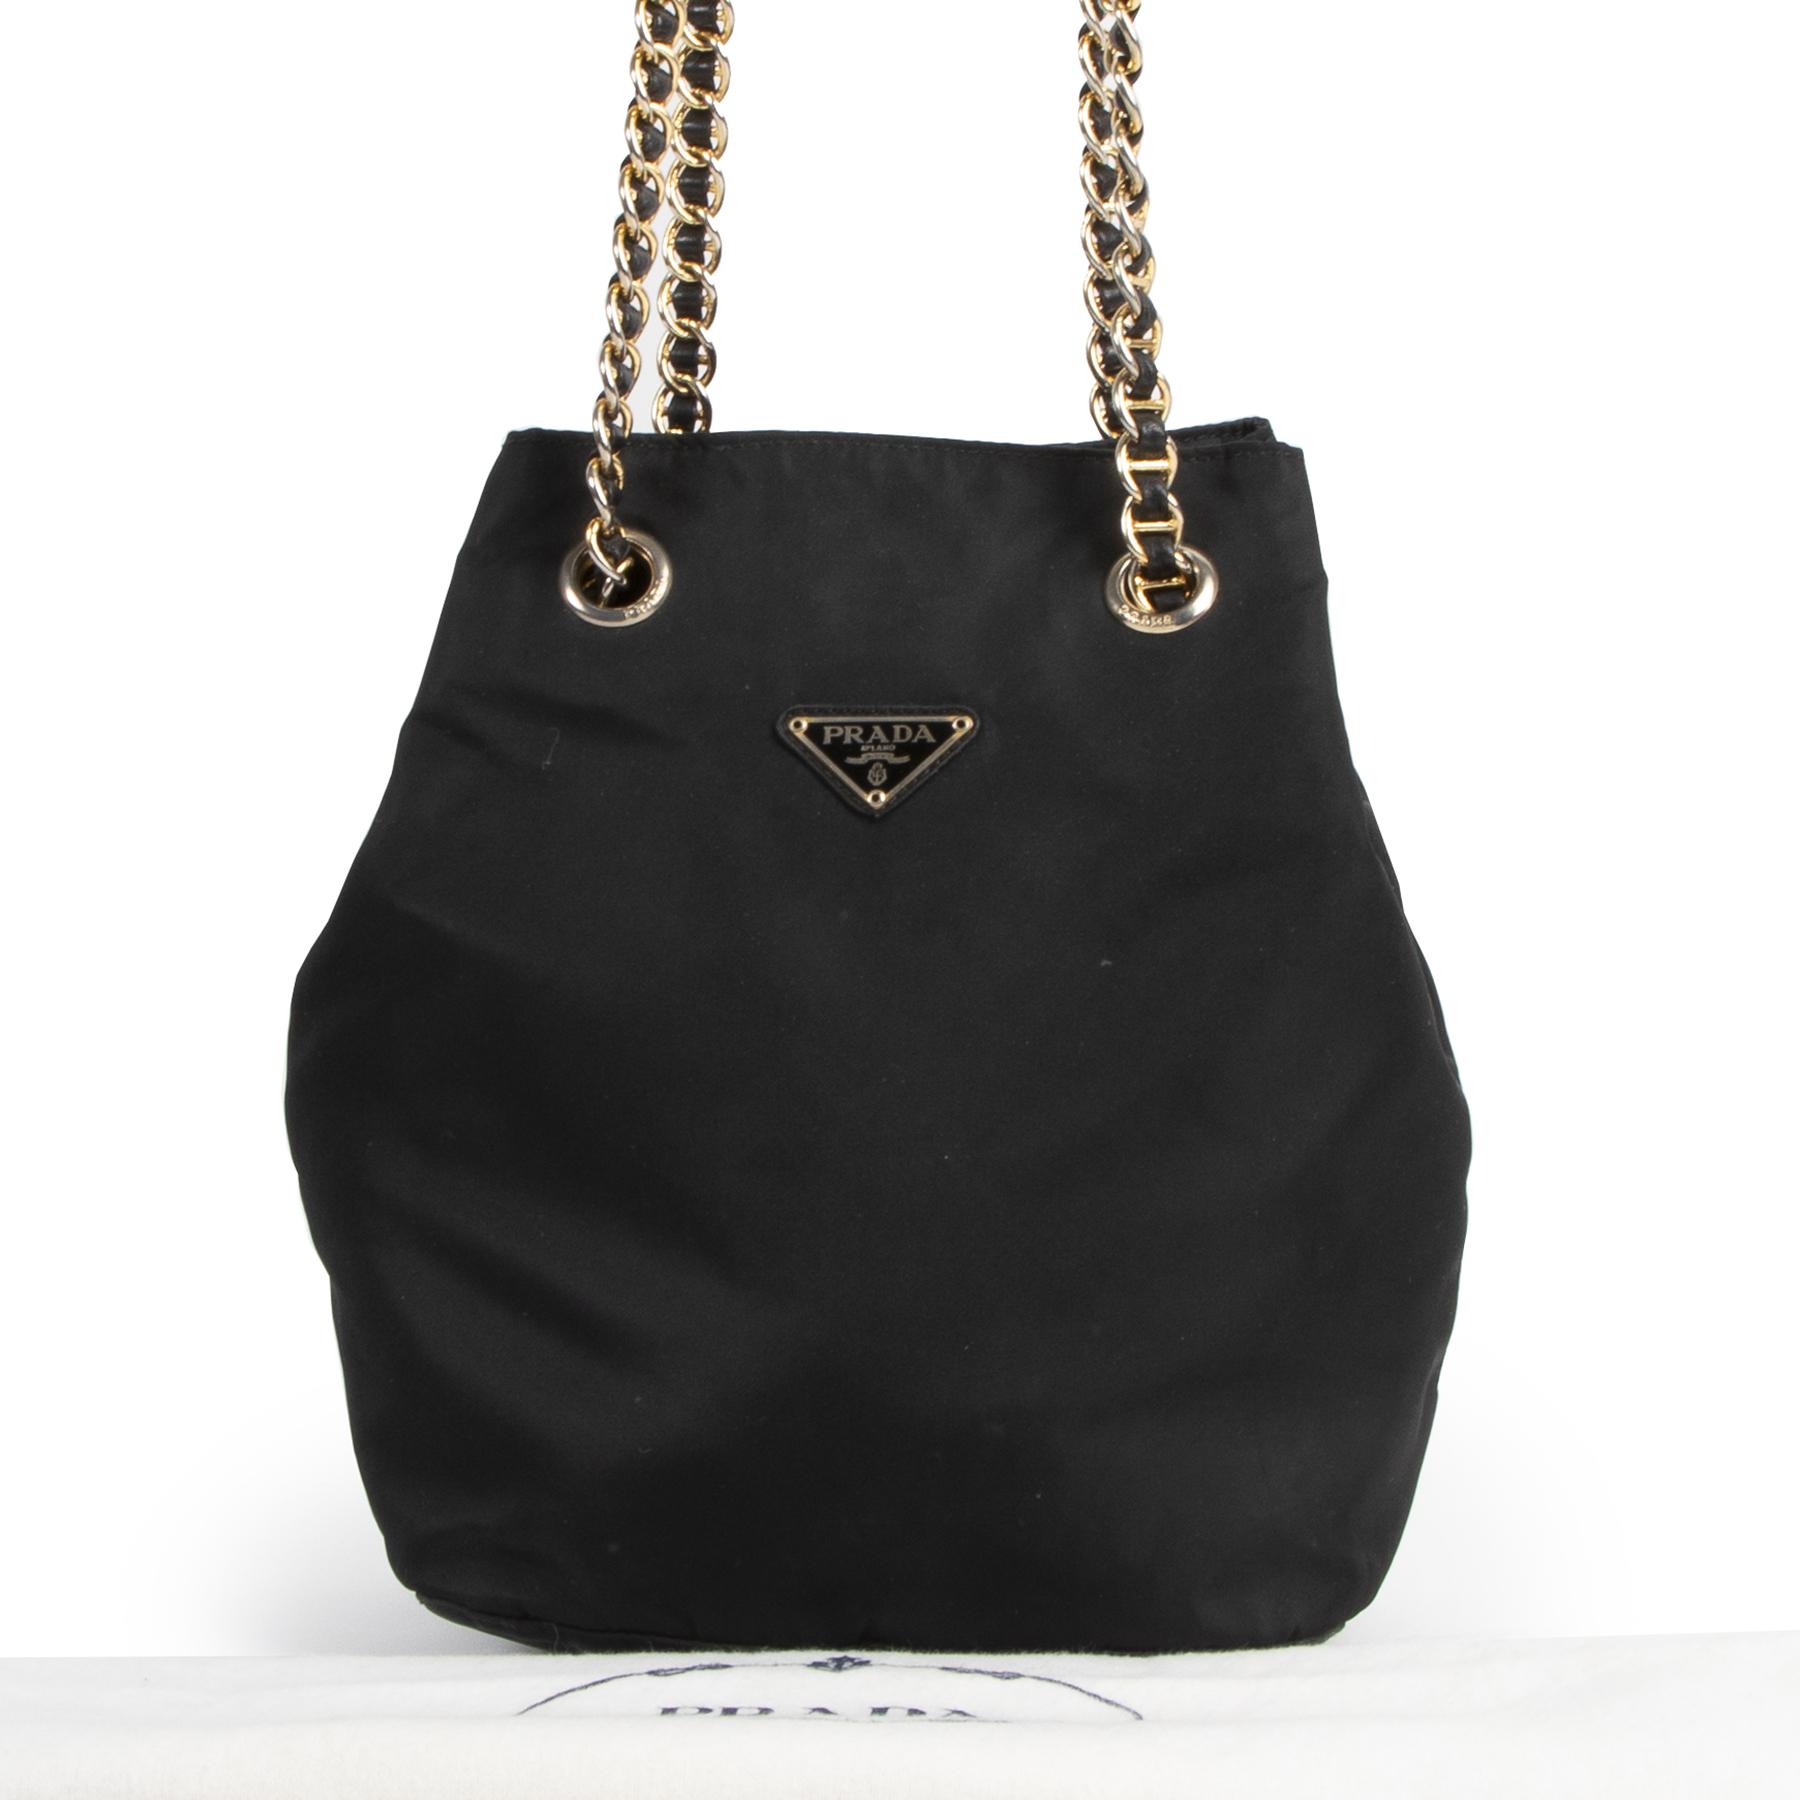 Authentique seconde-main vintage Prada achète en ligne webshop LabelLOV